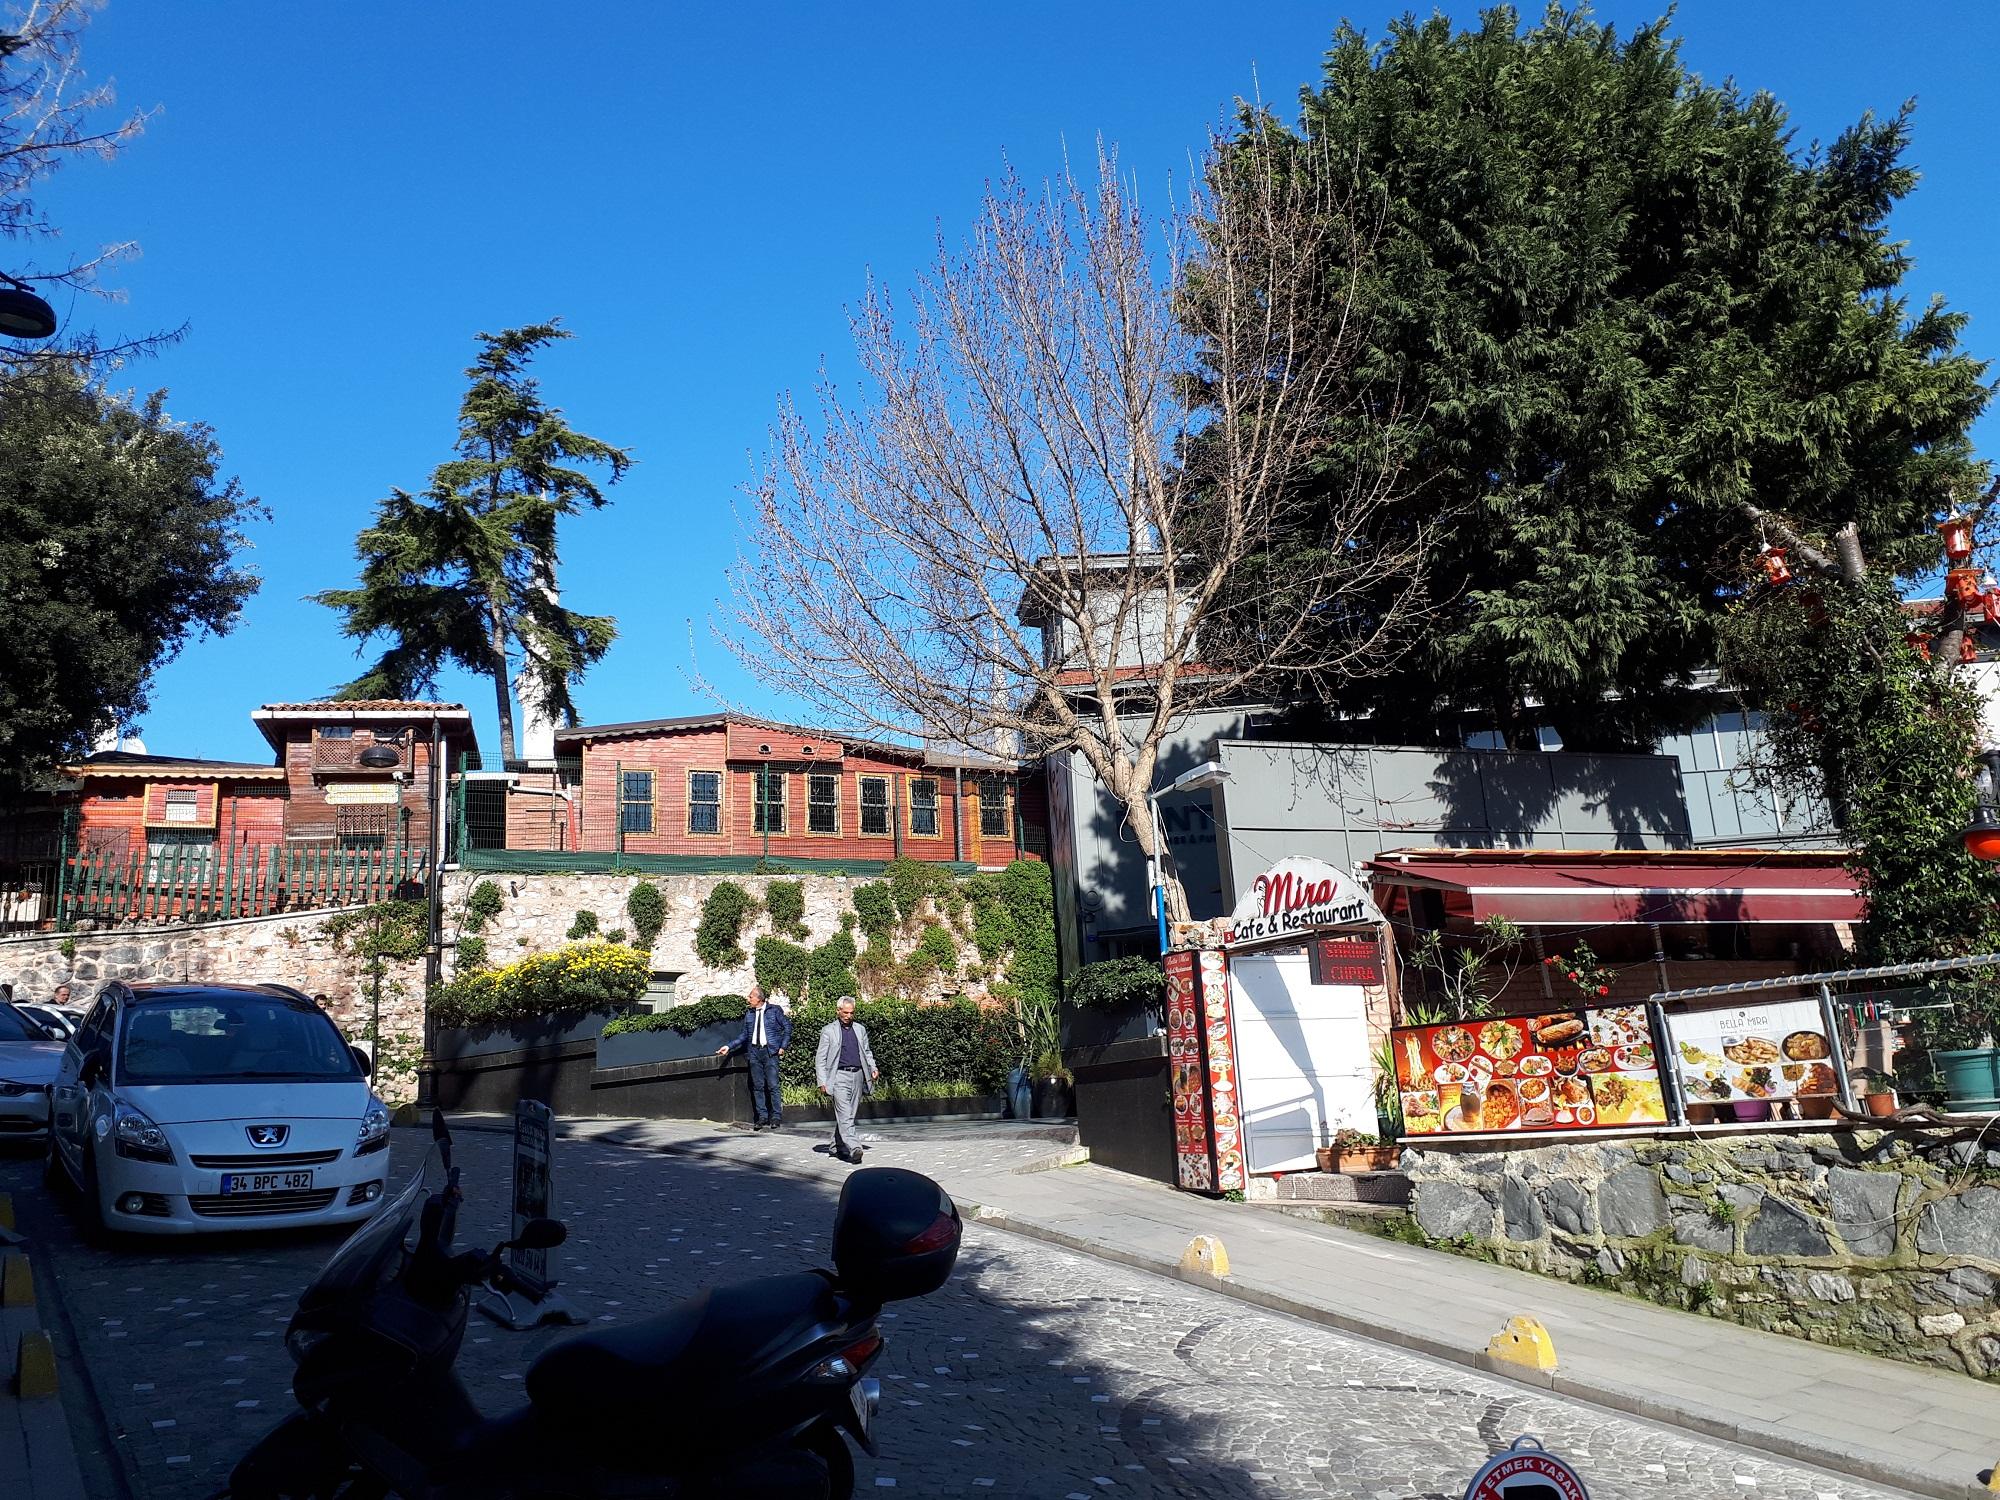 پسکوچههای استانبول ـ ترکیه. عکس از حمیدرضا مختاری: جمعه هشتم مارس 2019.